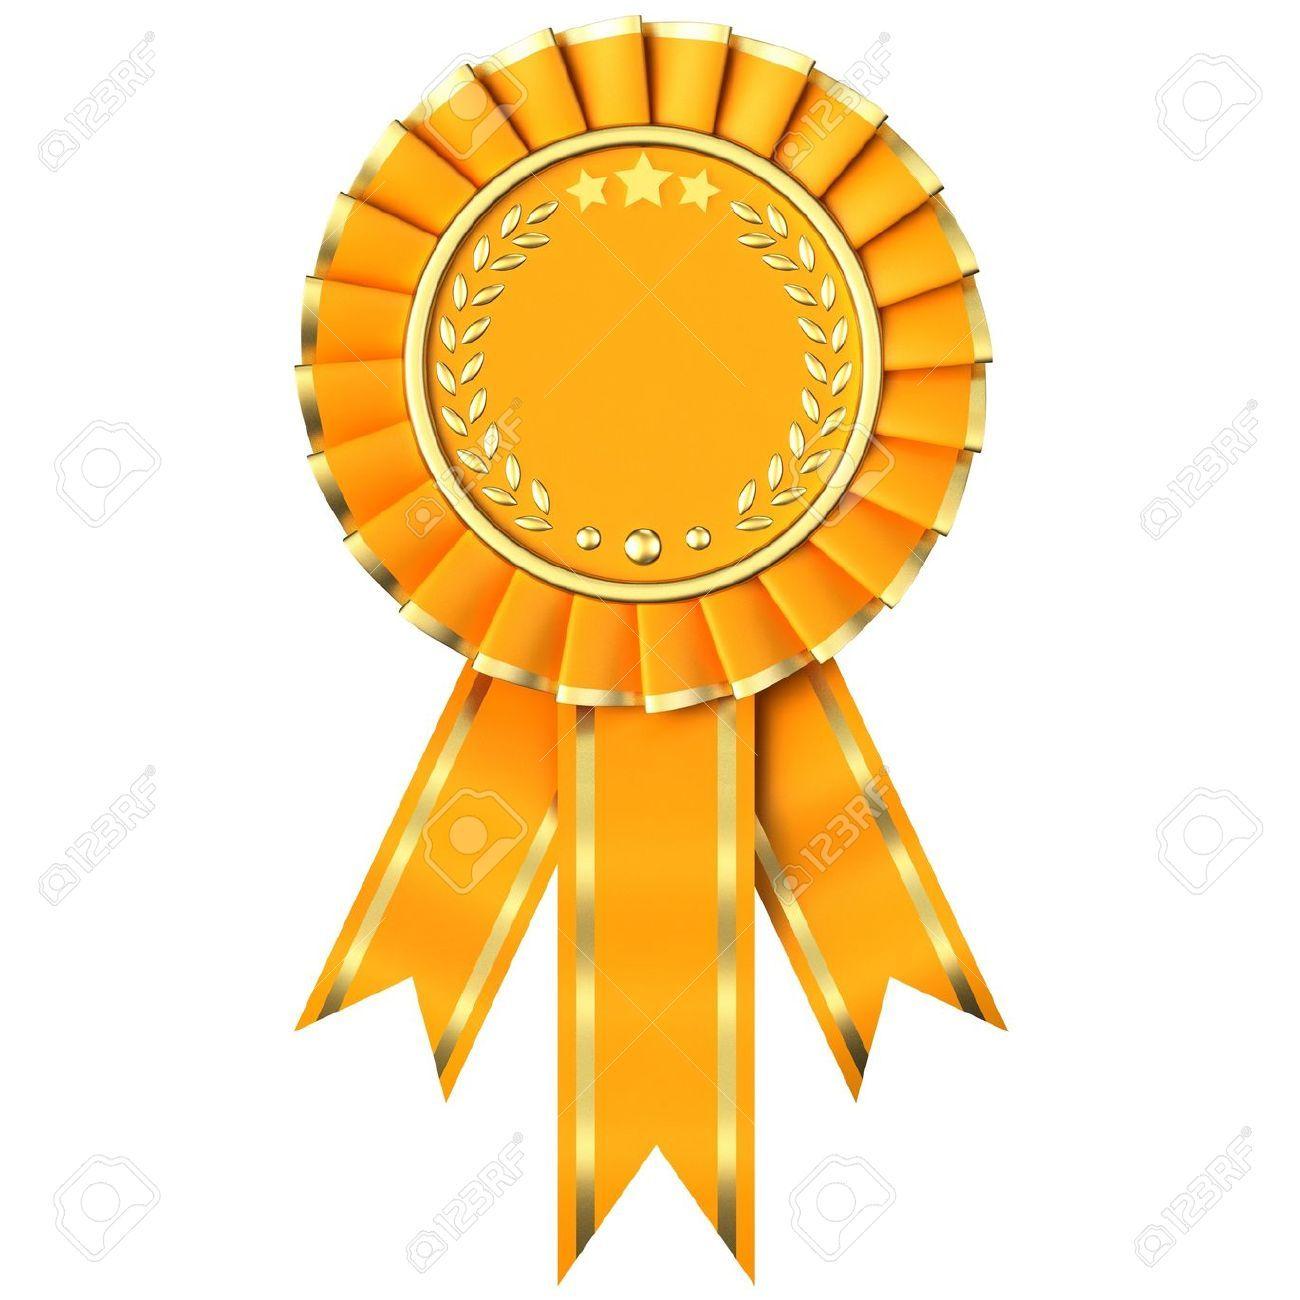 Medalla De Reconocimiento Diseno De Diplomas Plantillas De Diplomas Marcos Para Diplomas